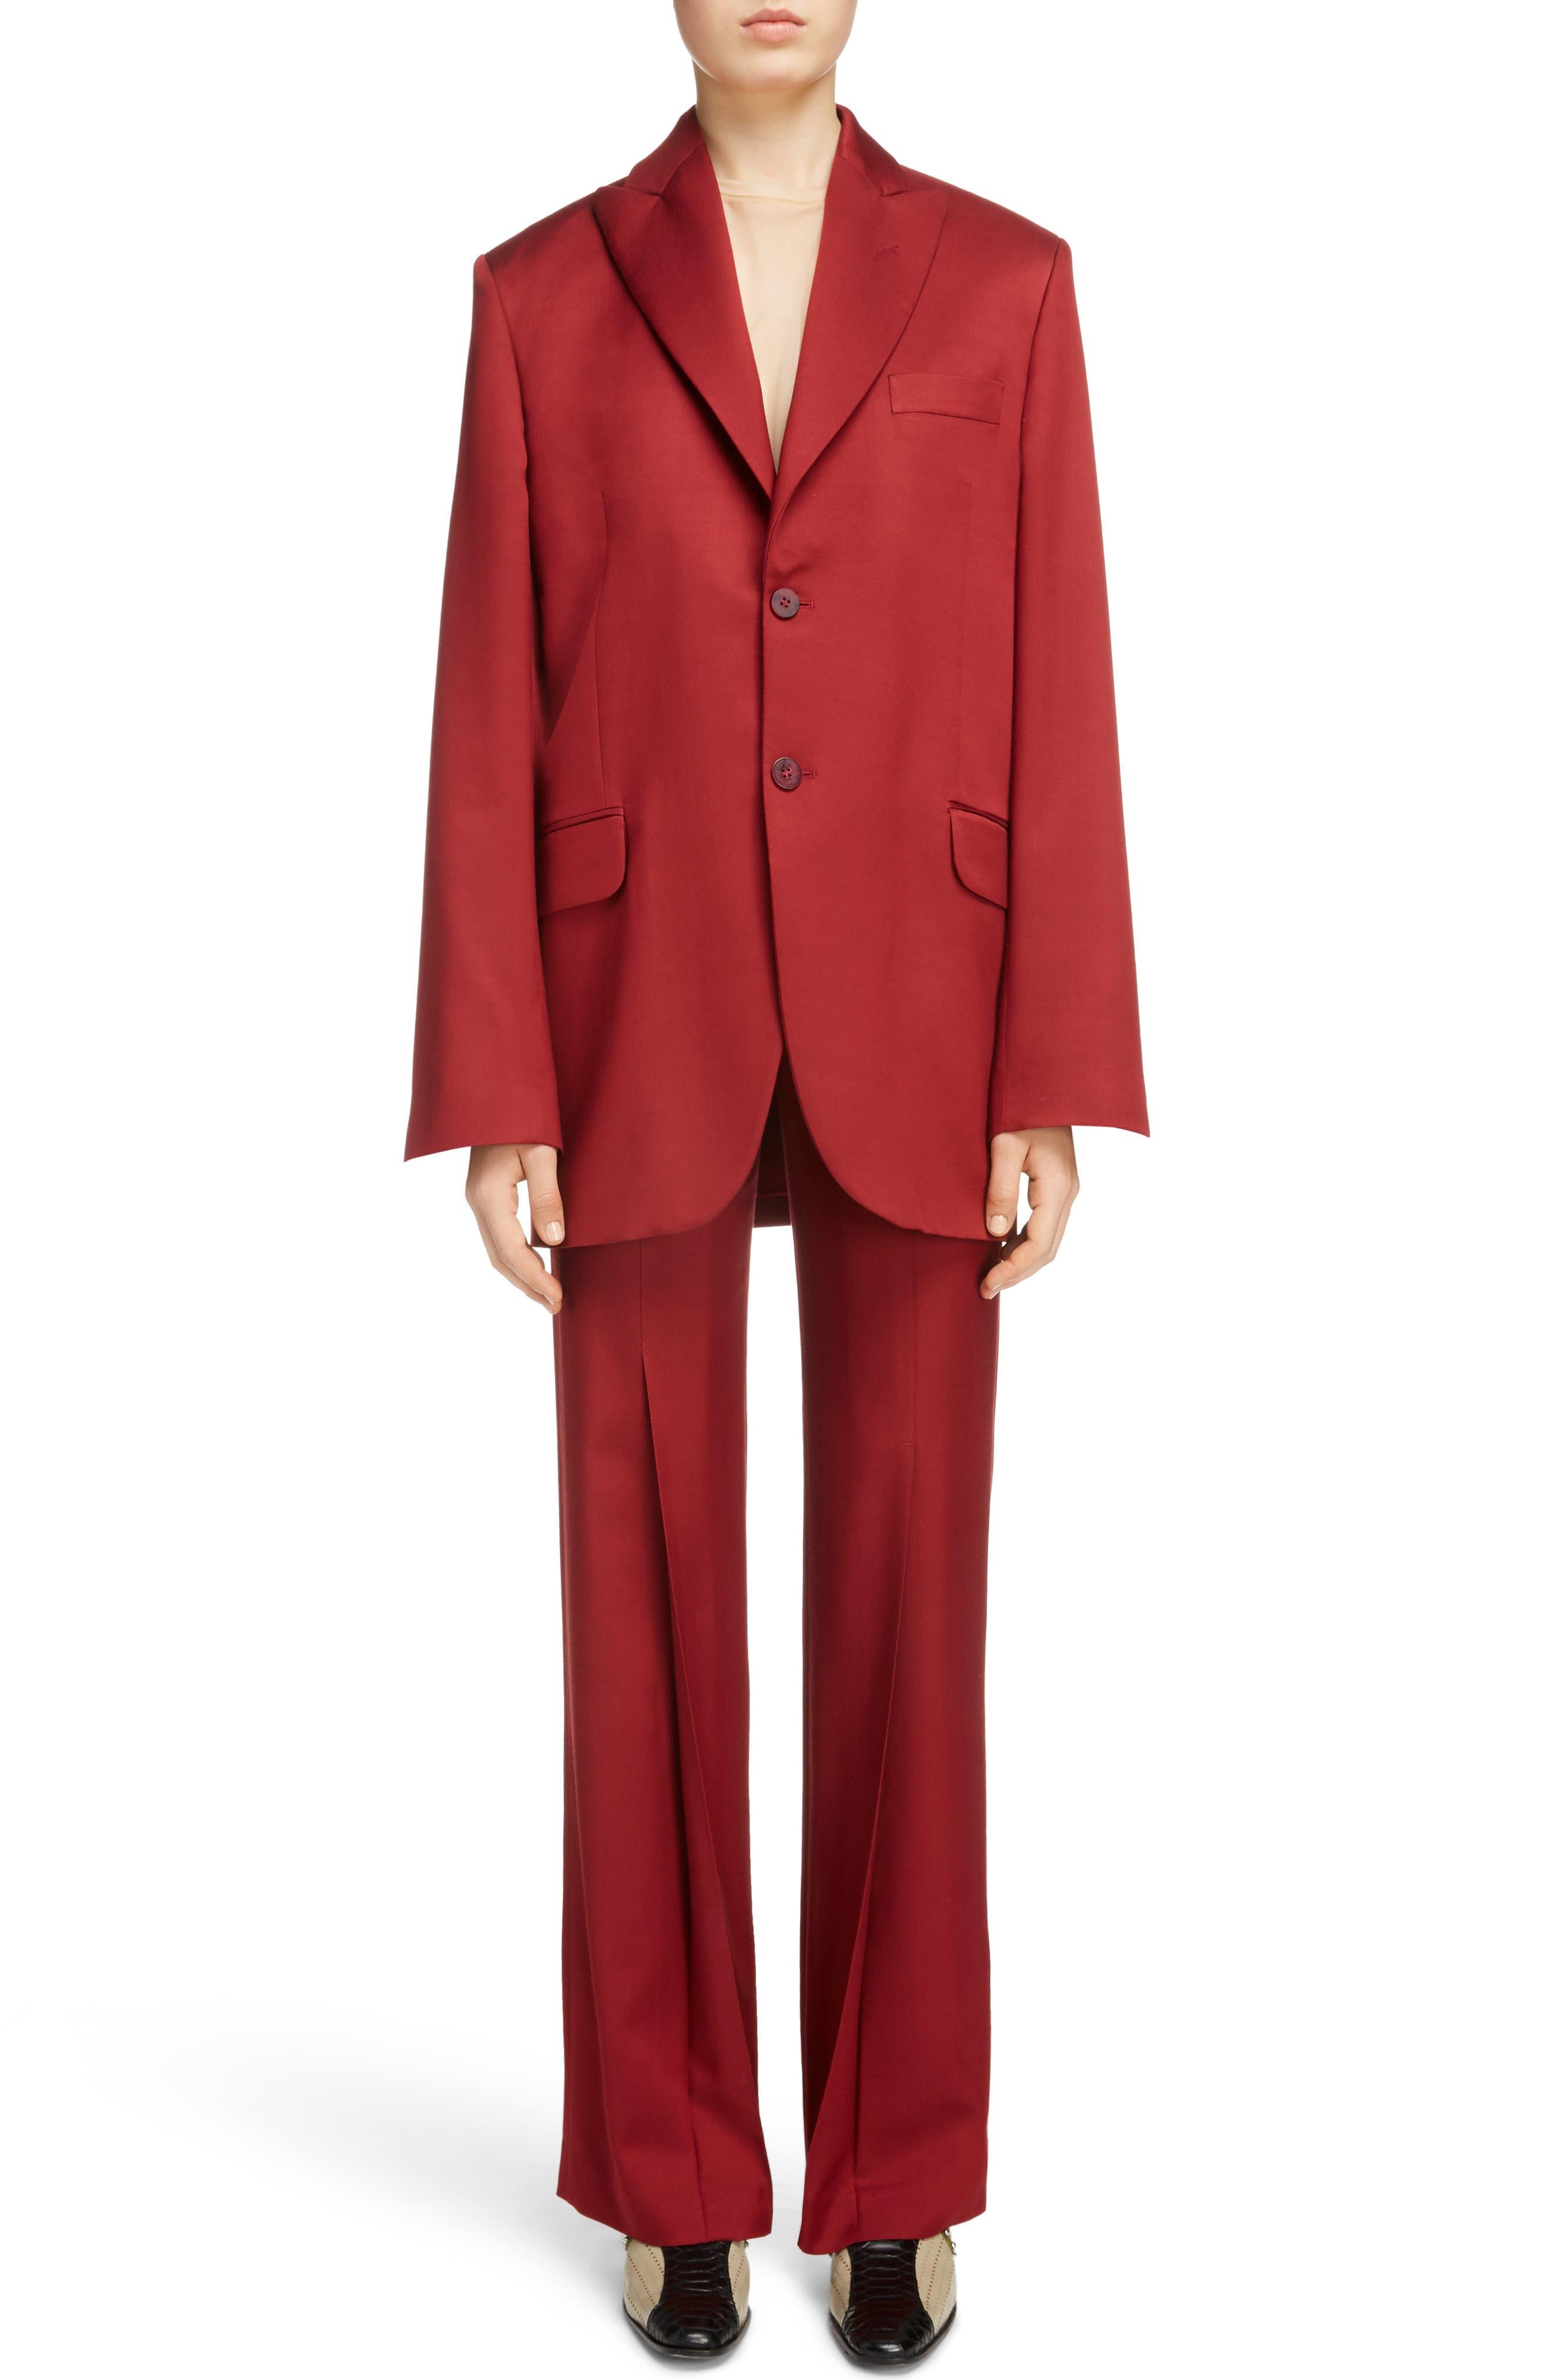 Jaria Suit Jacket,                             Alternate thumbnail 7, color,                             Crimson Red